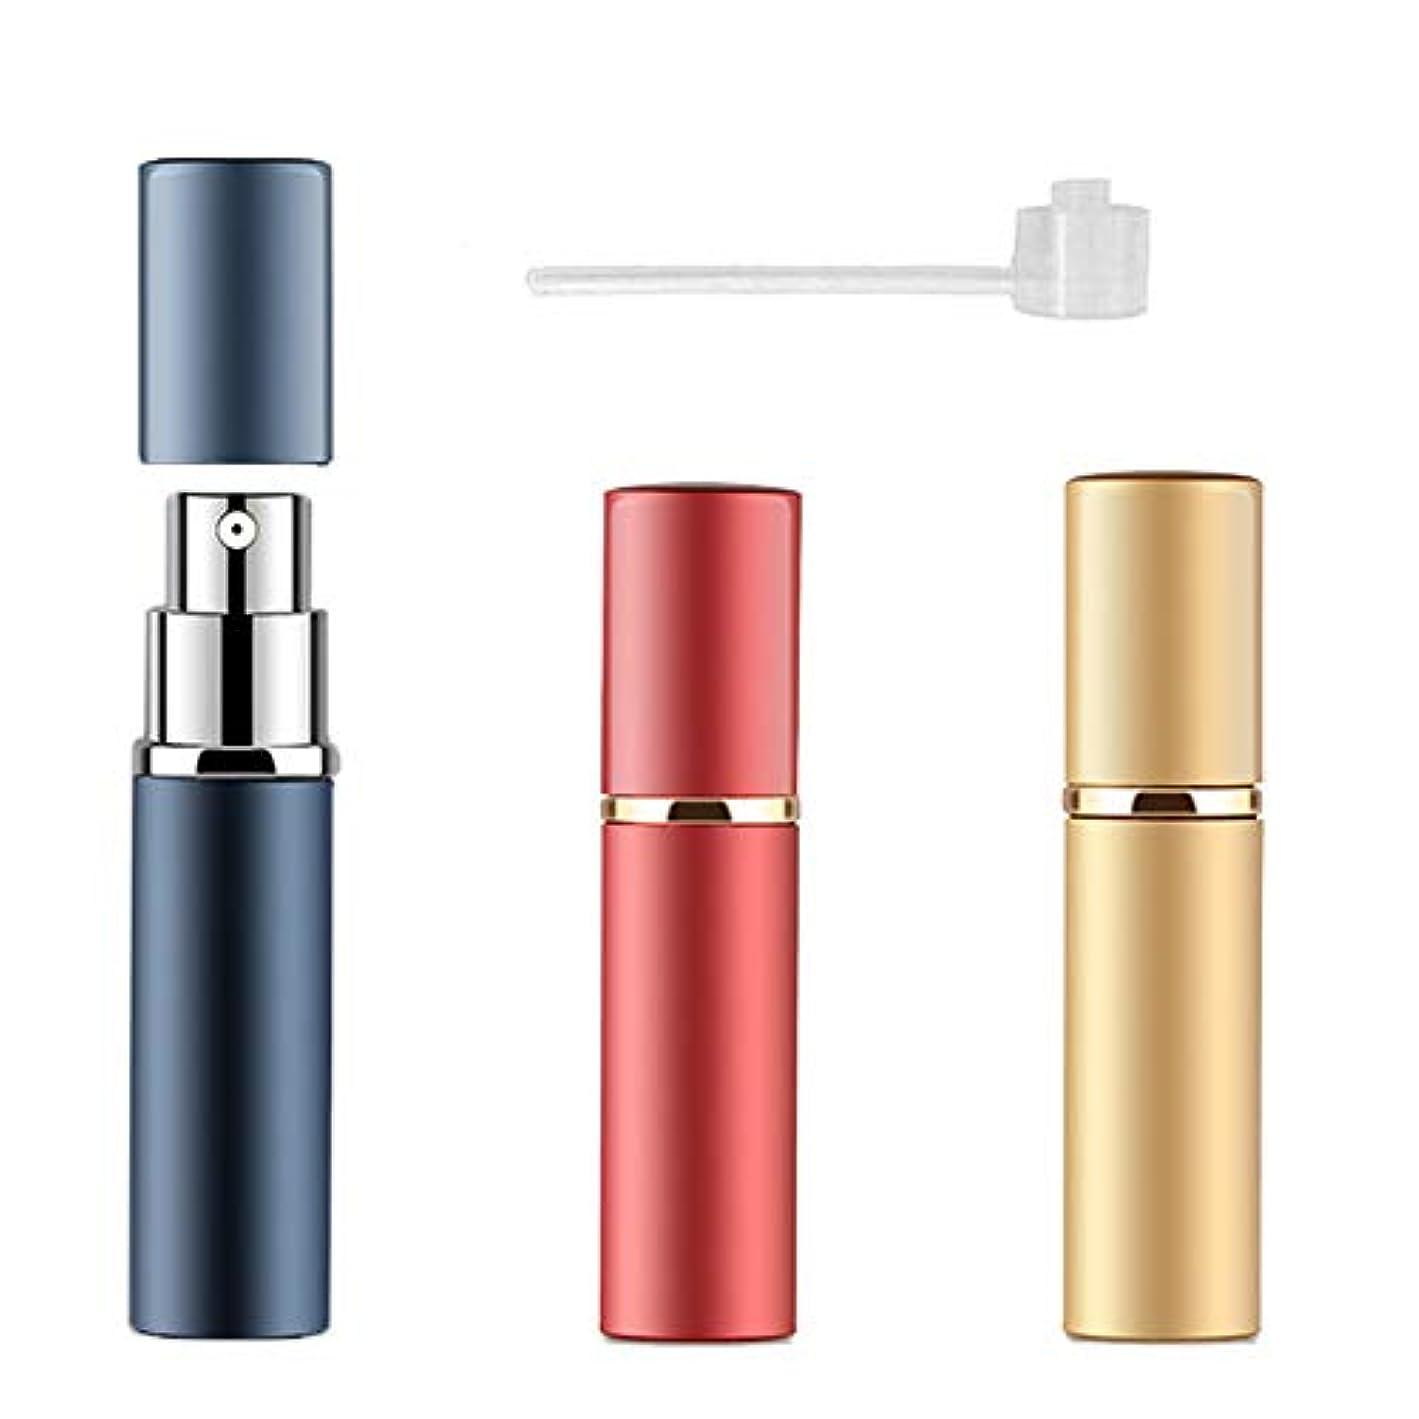 微視的持っている対称アトマイザー 香水 詰め替え容器 スプレーボトル 小分けボトル トラベルボトル 旅行携帯便利 (3色セット)